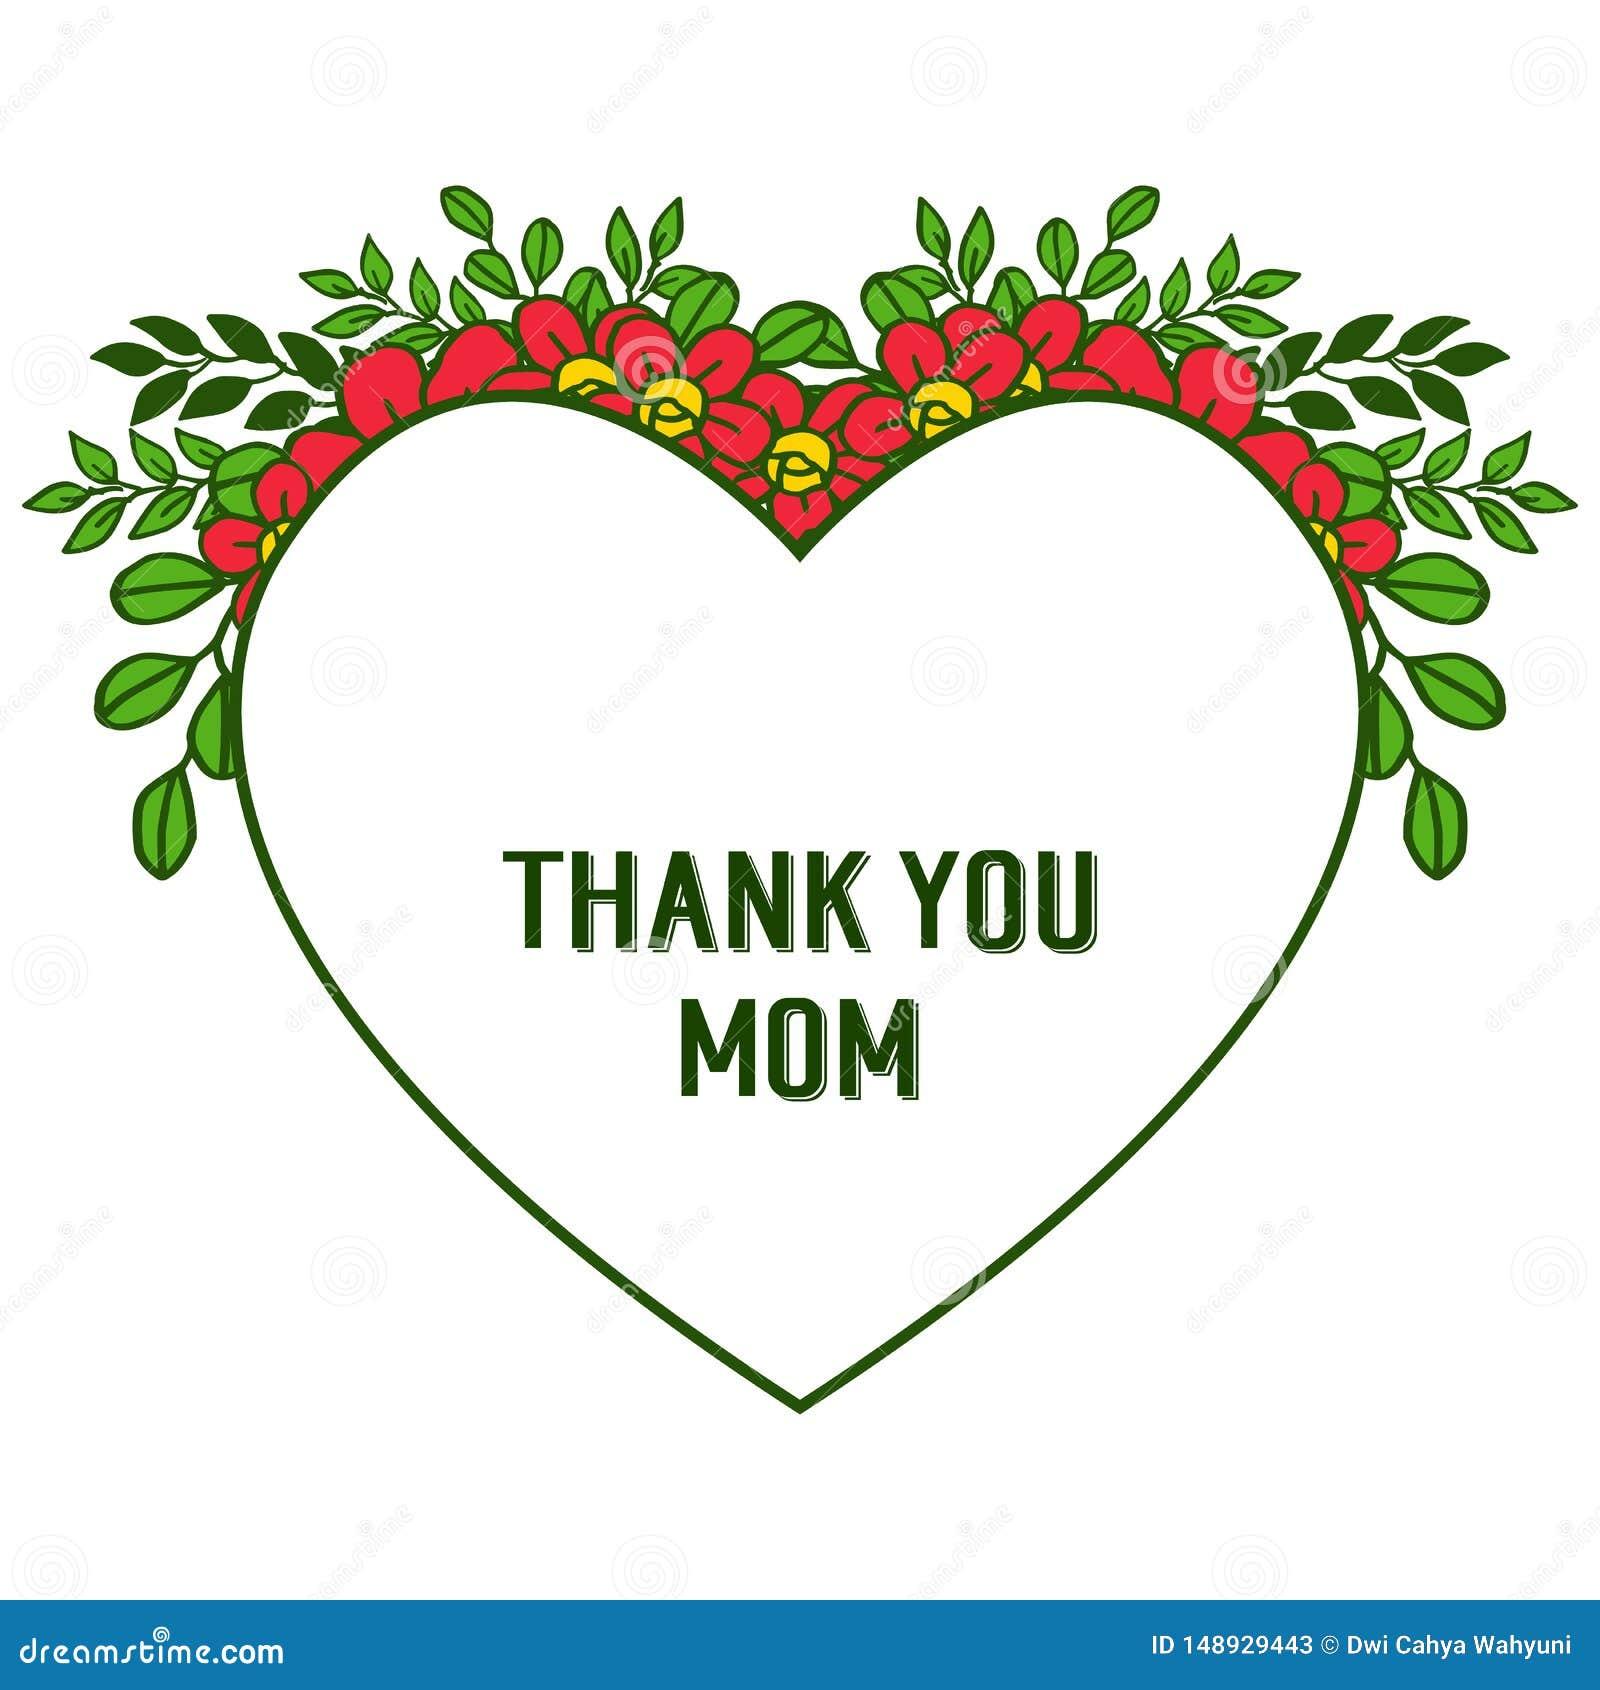 L illustration de vecteur d?corative de la carte vous remercient maman avec de beaux cadres oranges de fleur